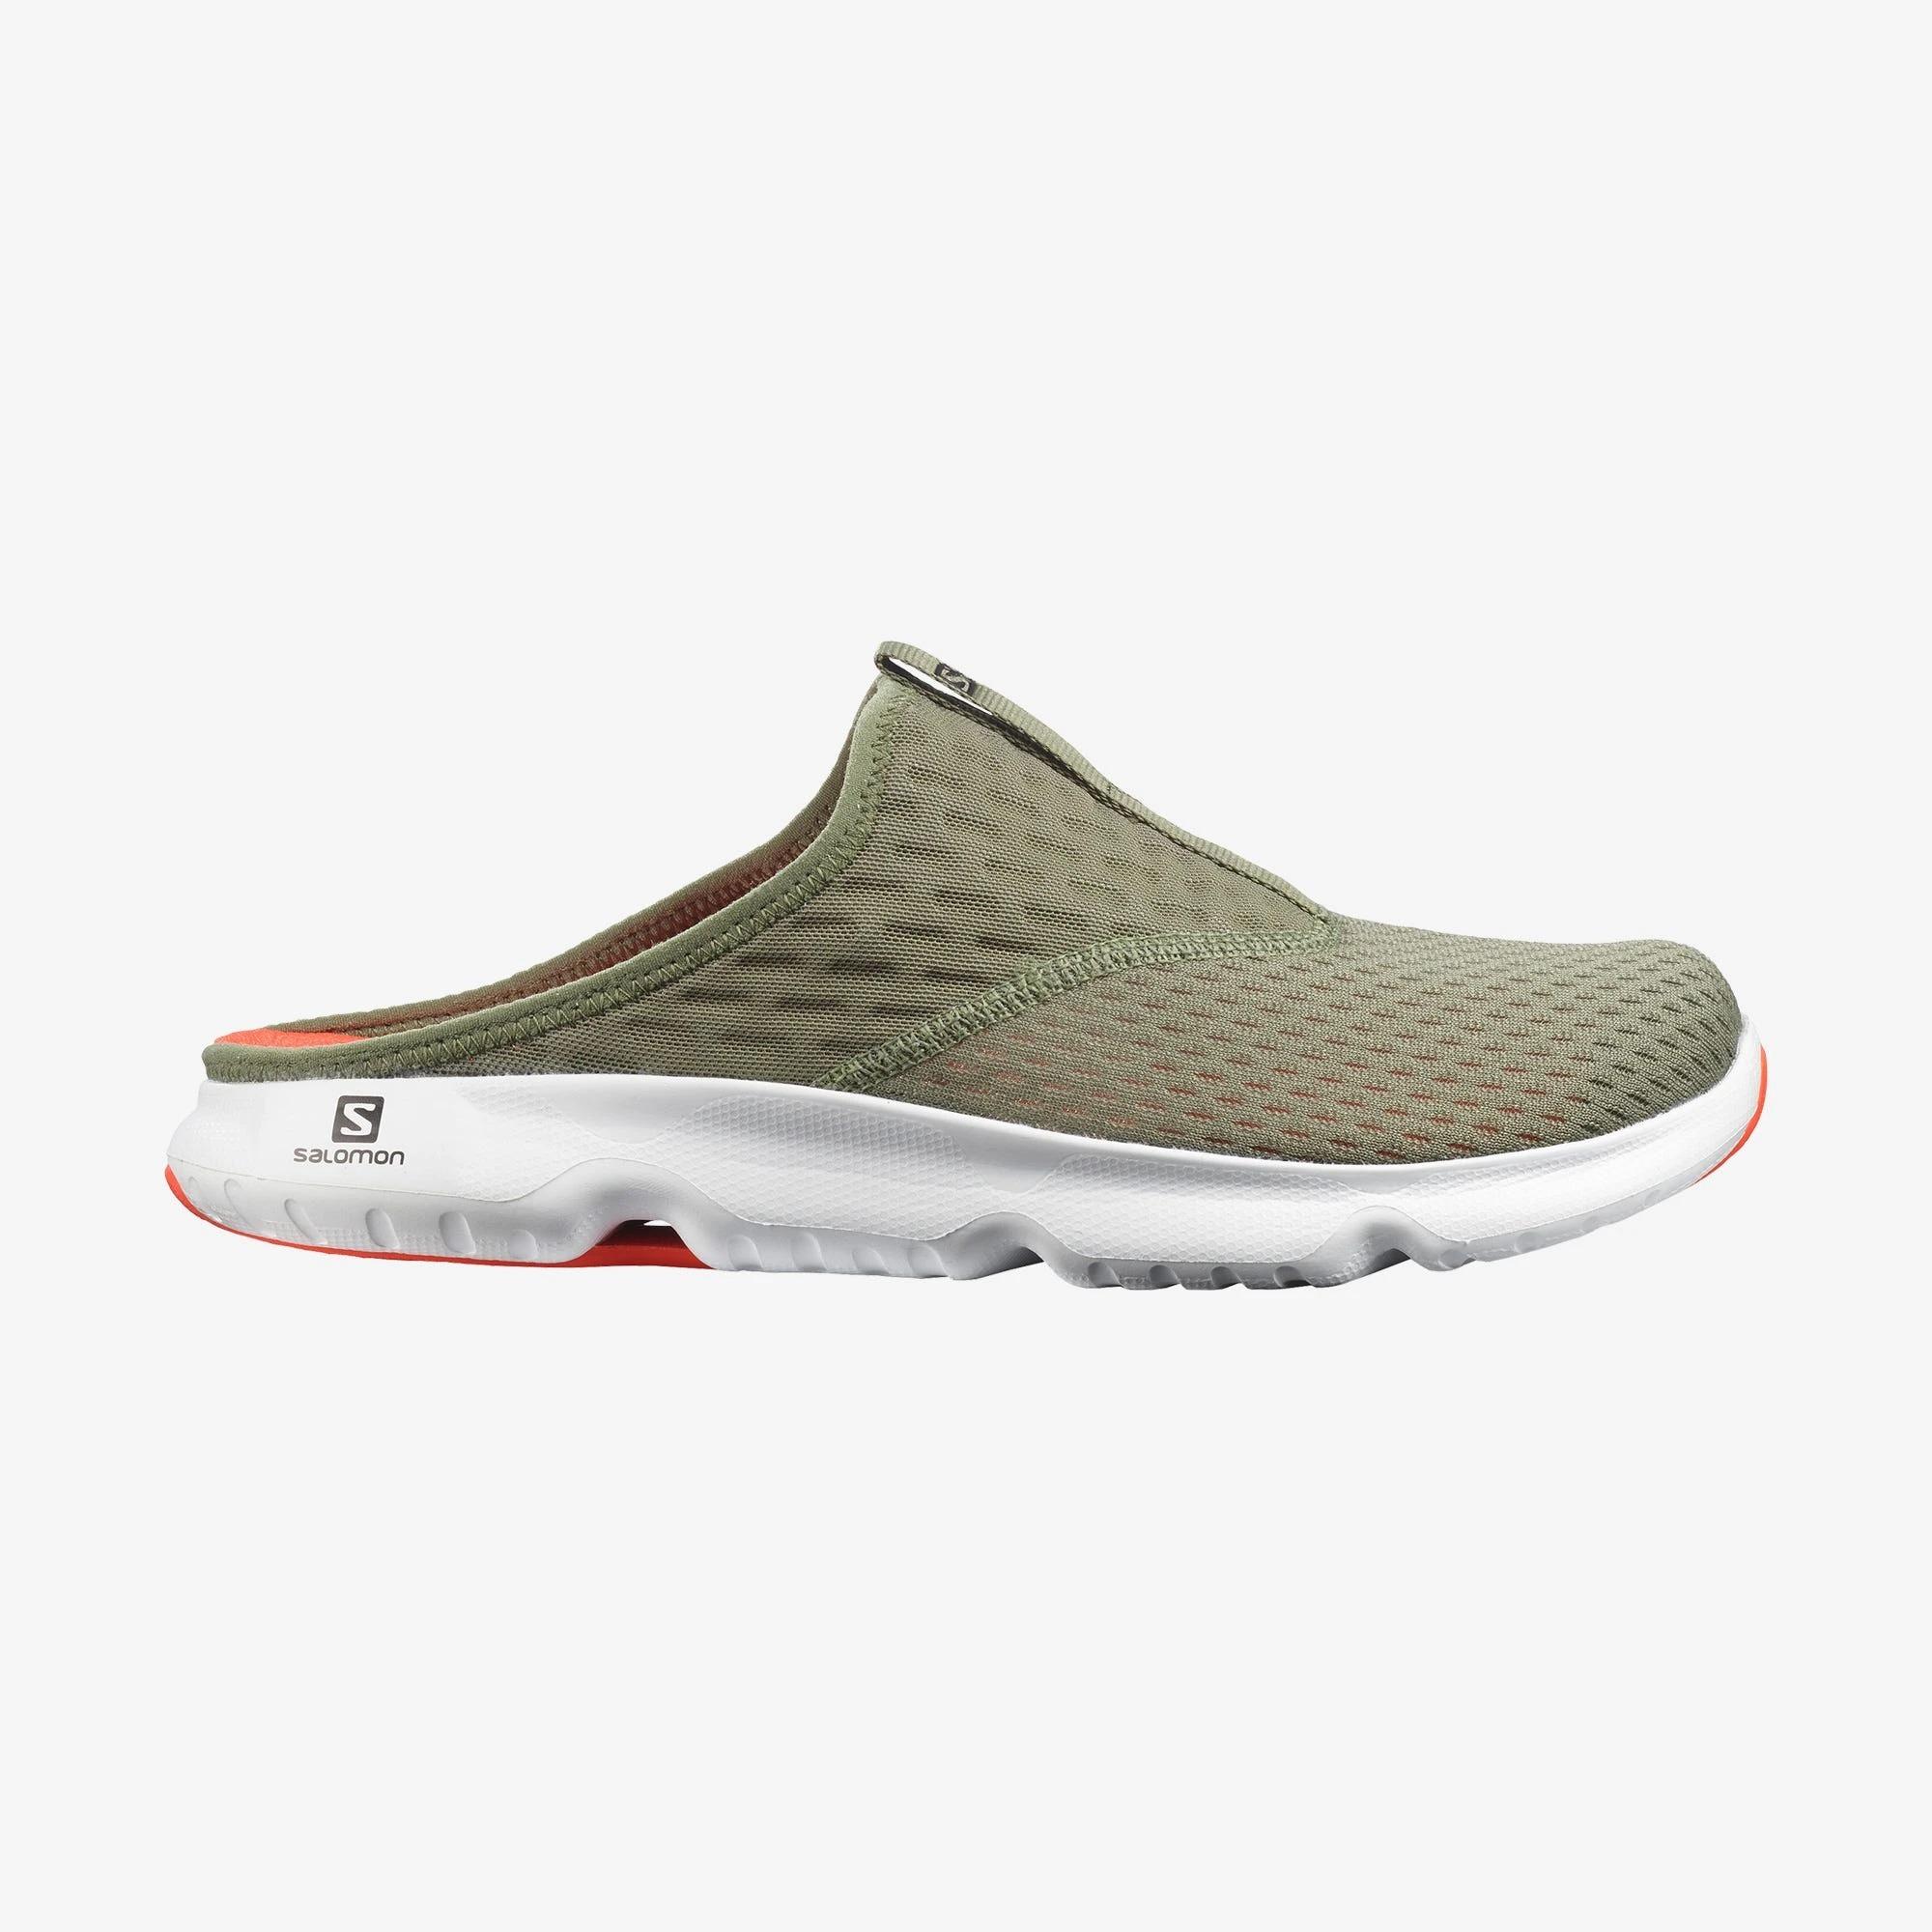 Salomon Reelax Slide 5.0, best shoes for standing